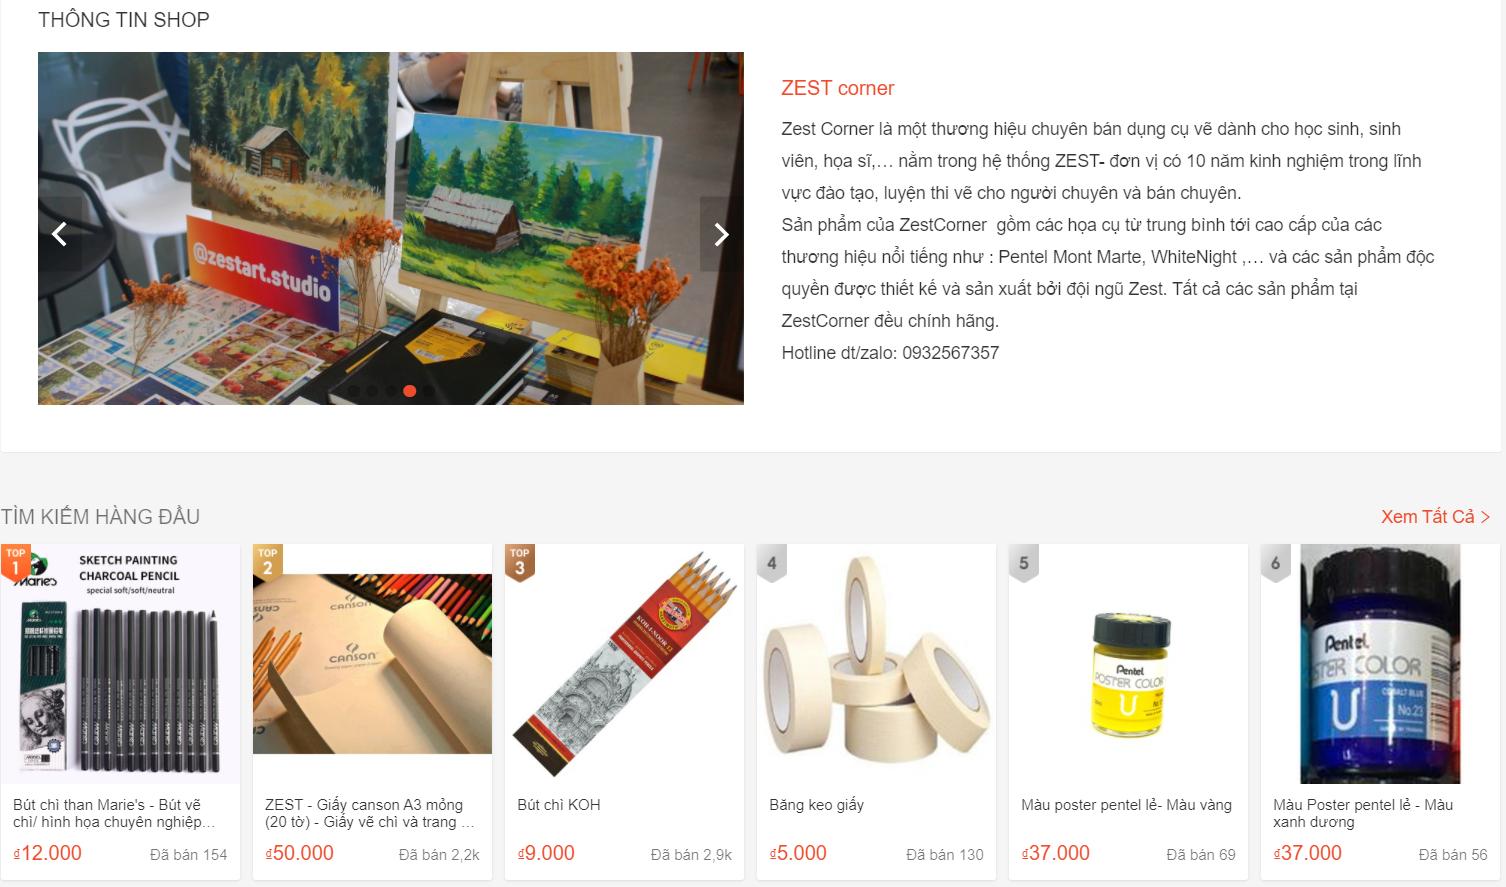 Hình ảnh shop họa cụ ZEST corner trên Shopee, với những mặt hàng xịn cho dân vẽ